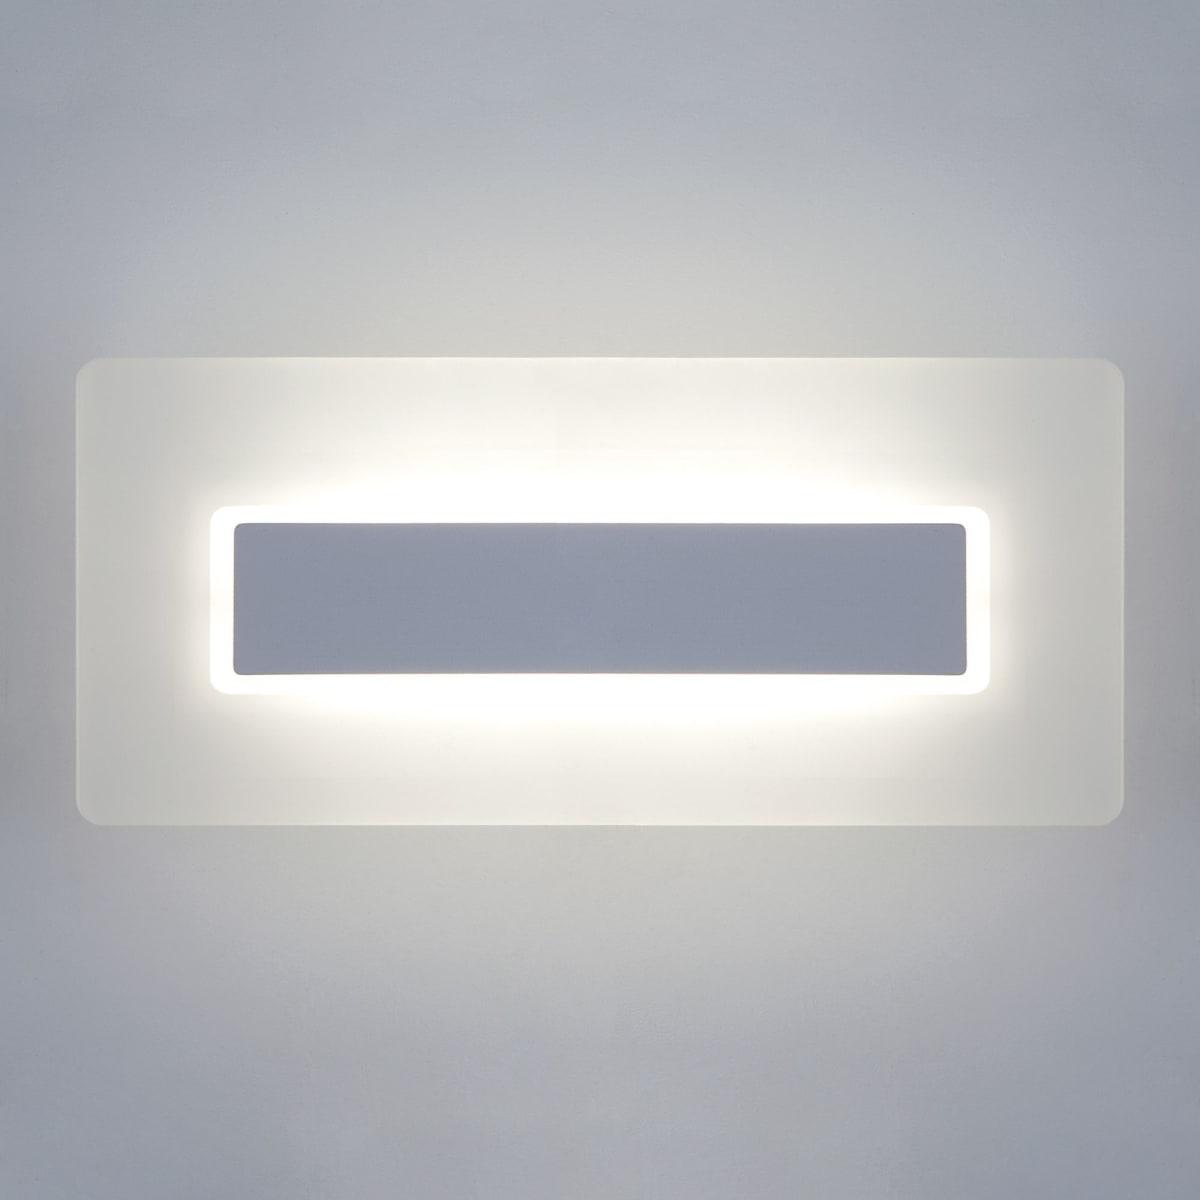 Бра светодиодный Eurosvet 40130/1 LED сатин-никель белый свет цвет серебряный